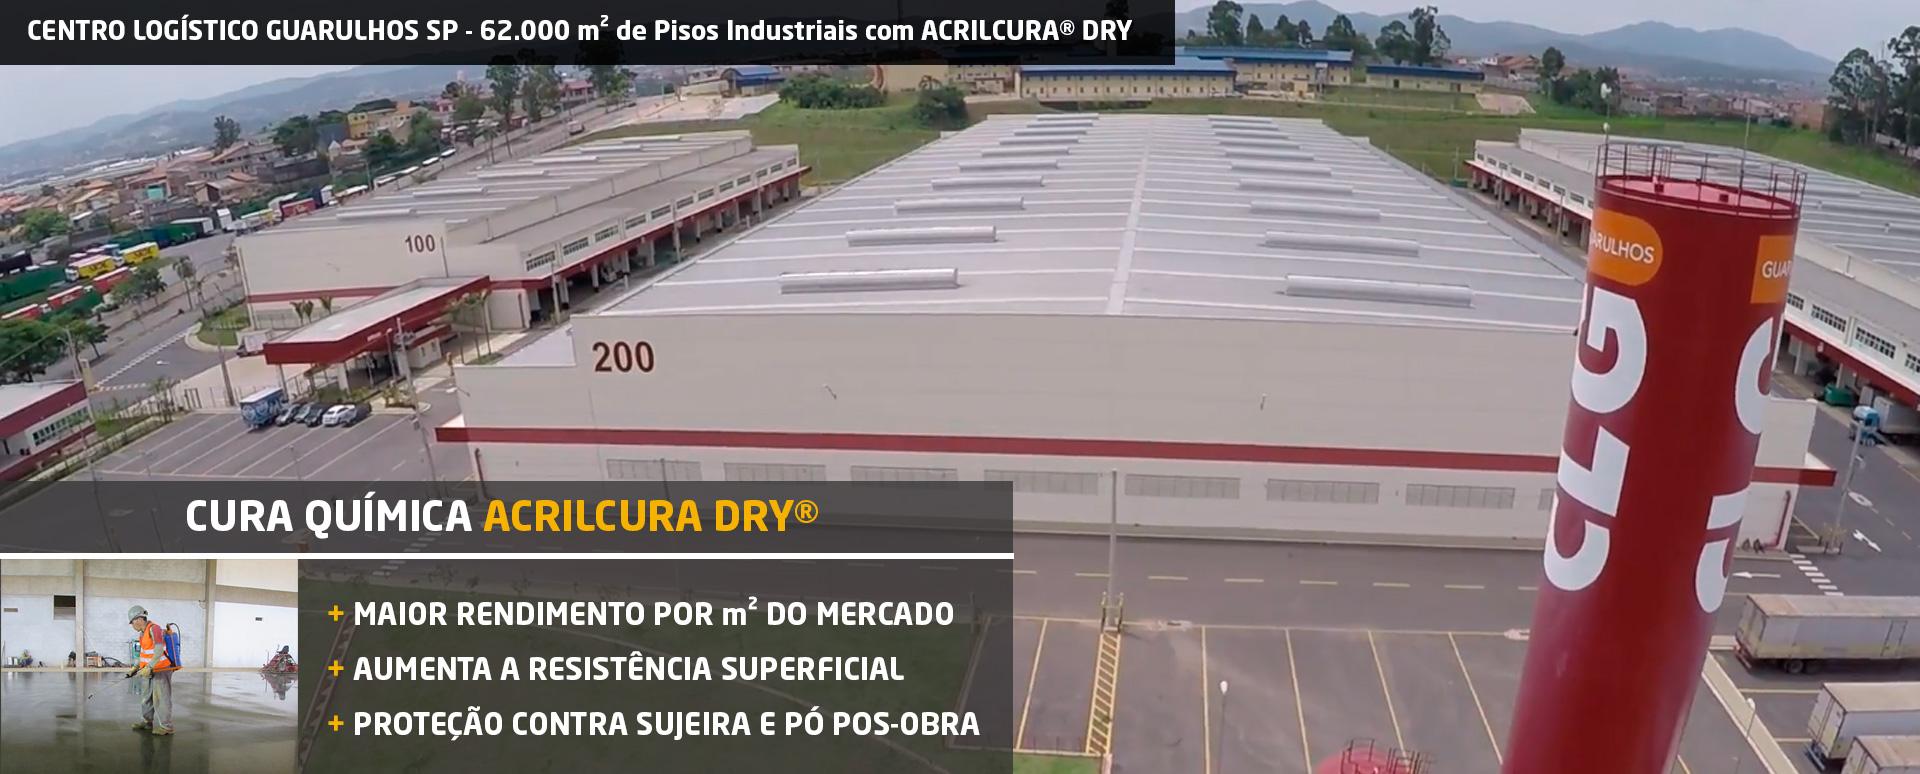 Cura do Concreto Centro Logístico Guarulhos